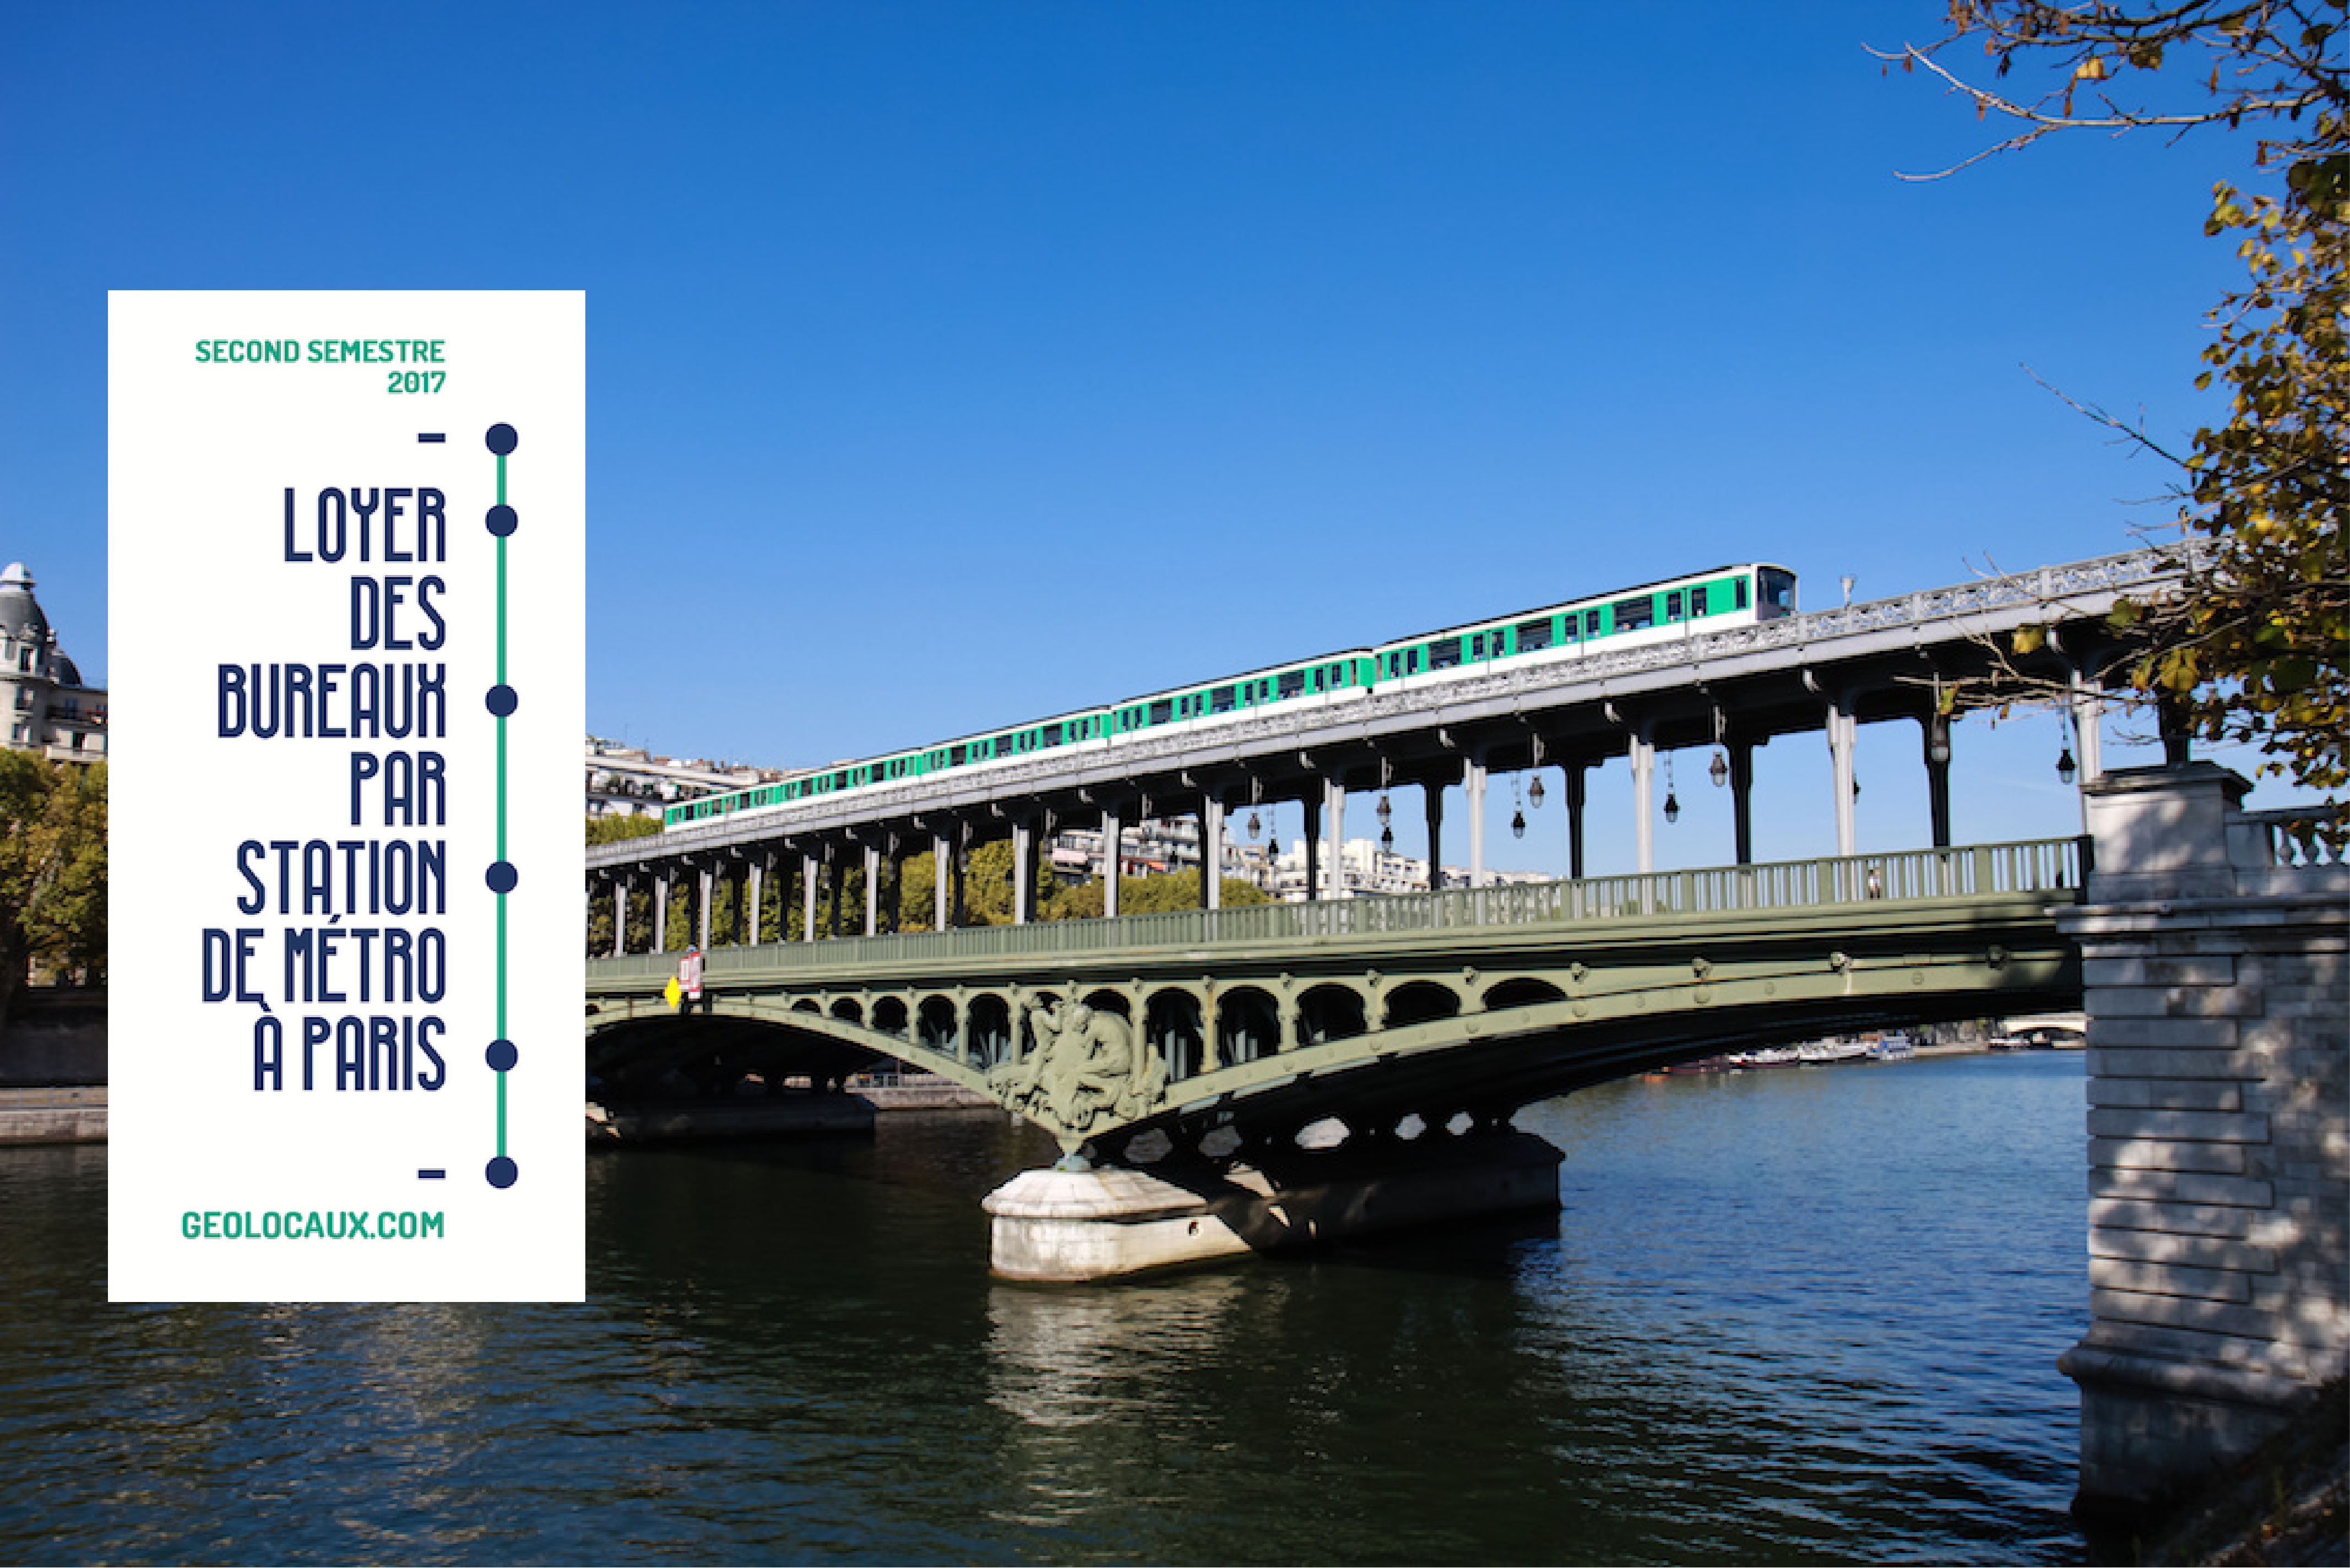 Loyers de bureaux à Paris : la nouvelle carte des prix en fonction des stations de métro